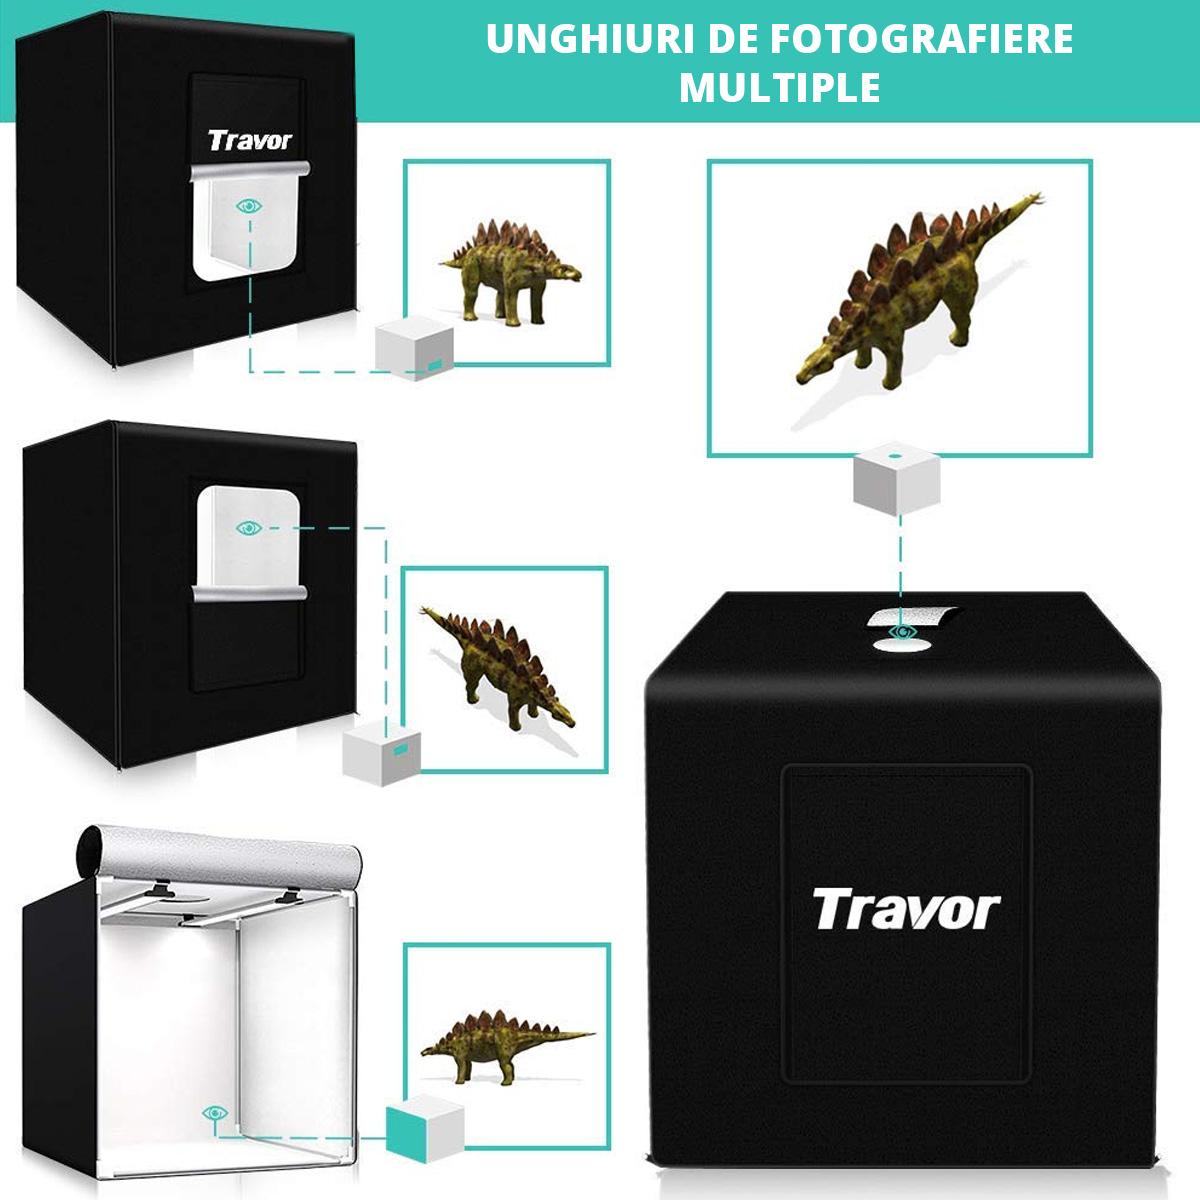 Studio Box Travor cu lumini LED, fundaluri si trepied incluse, 80 x 80 x80 cm